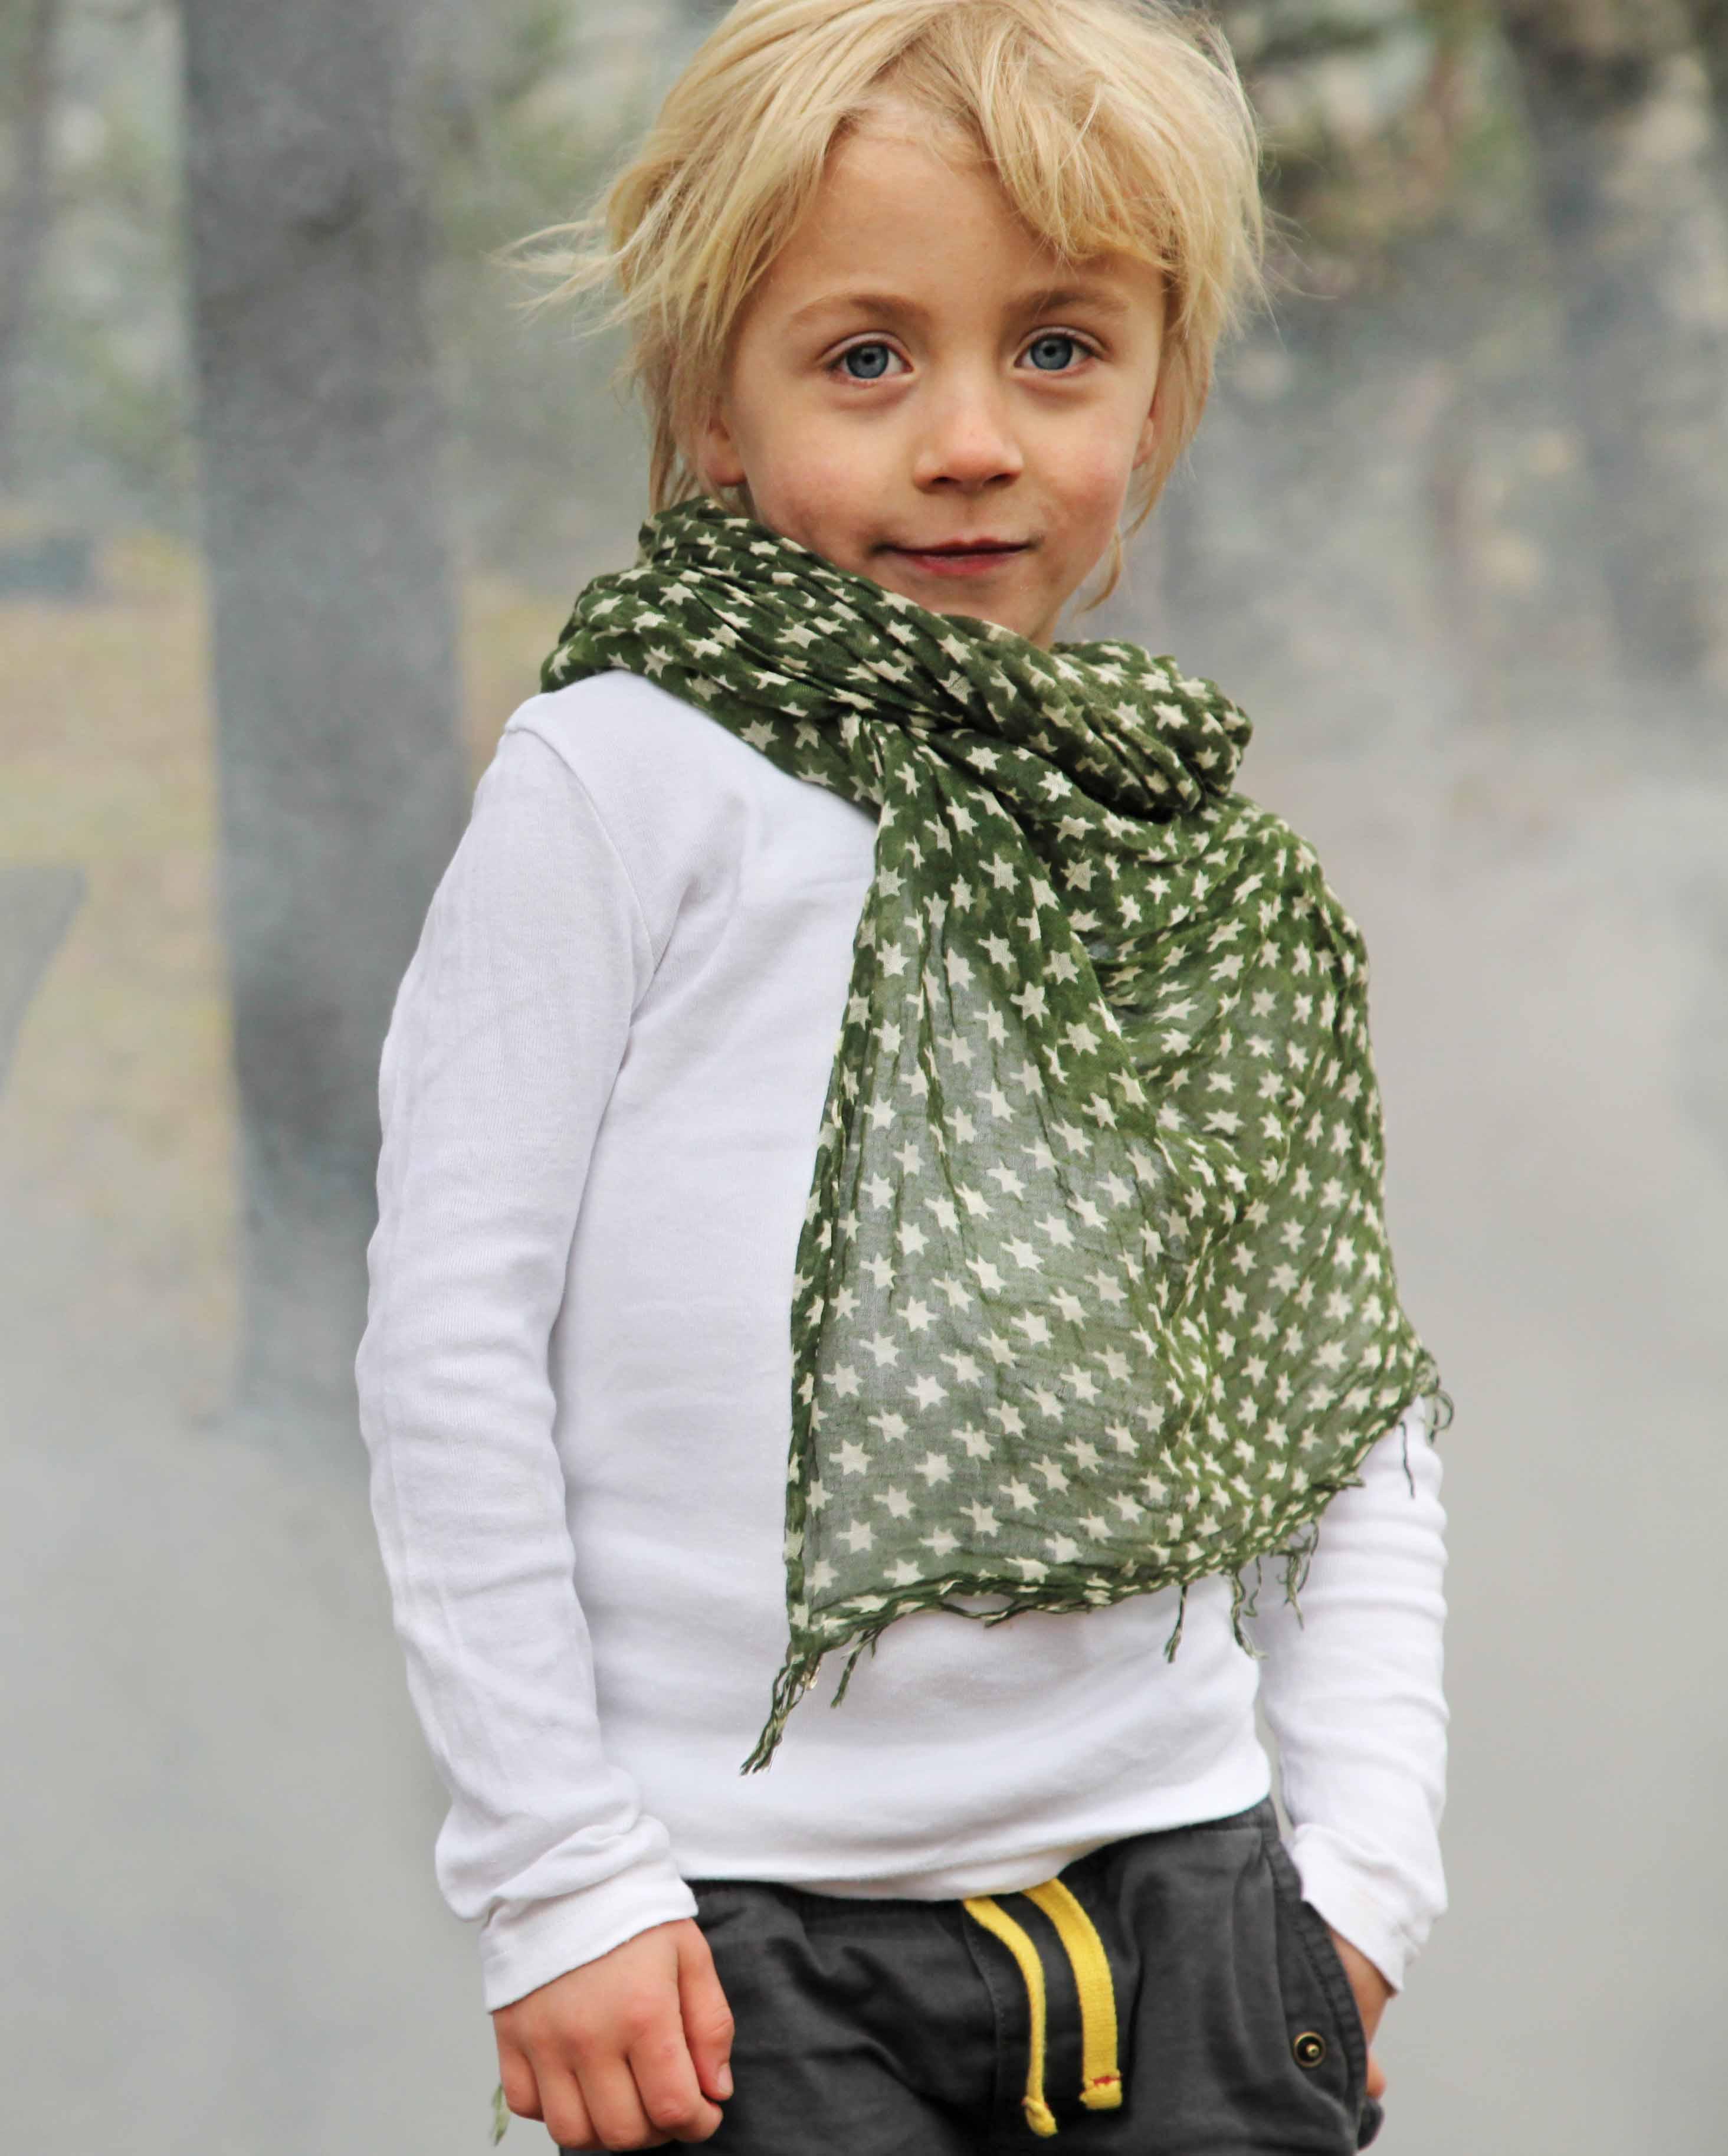 Kind Foto Nebel Junge